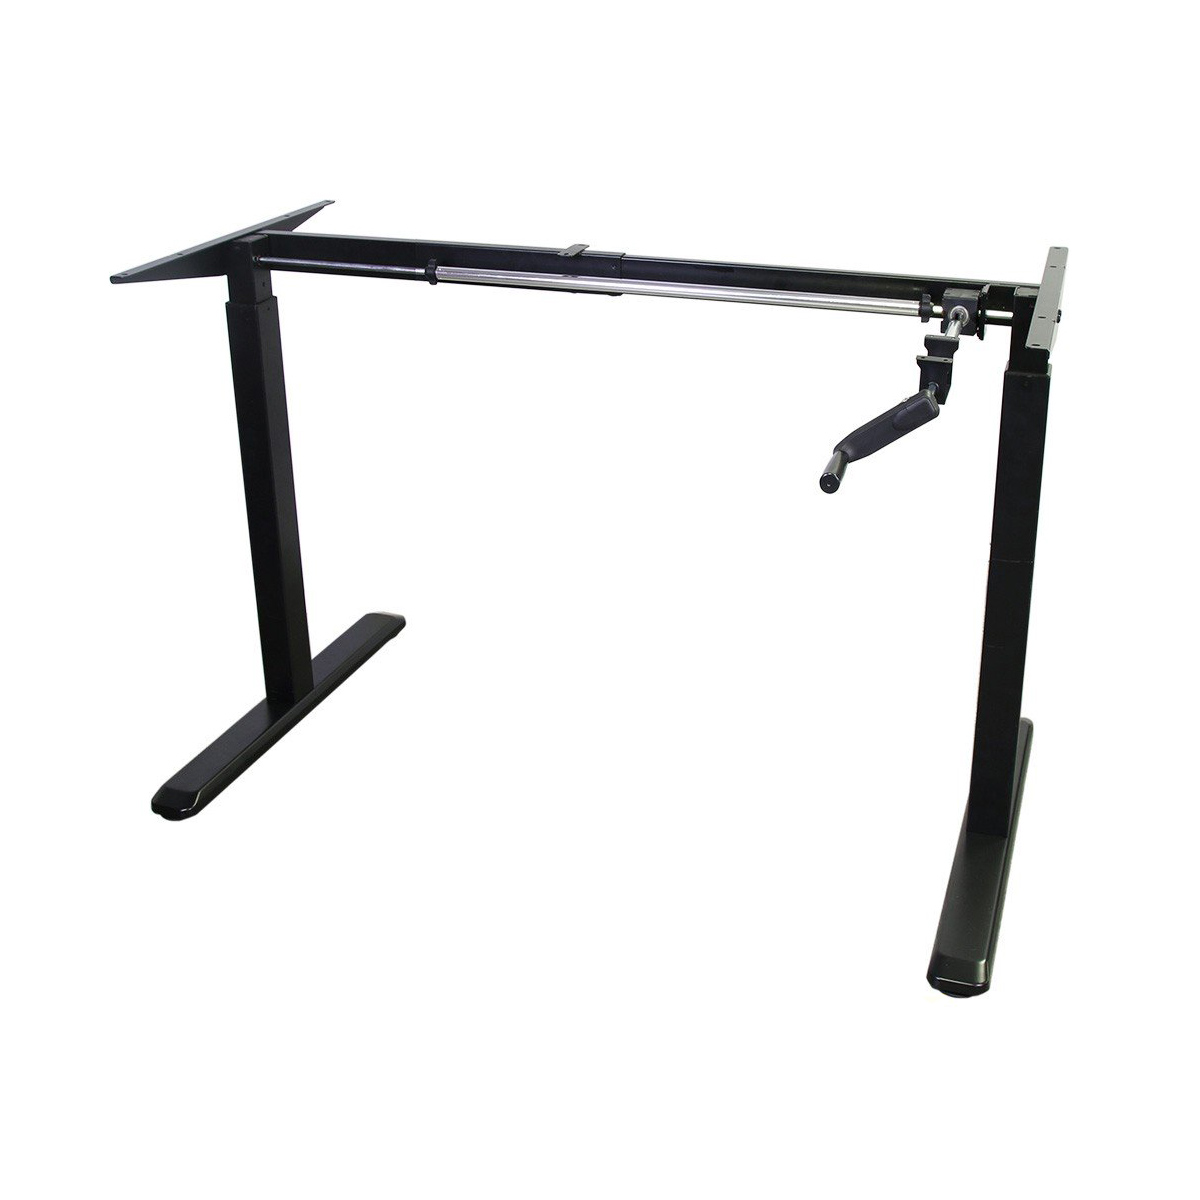 FS-DR48C desk frame